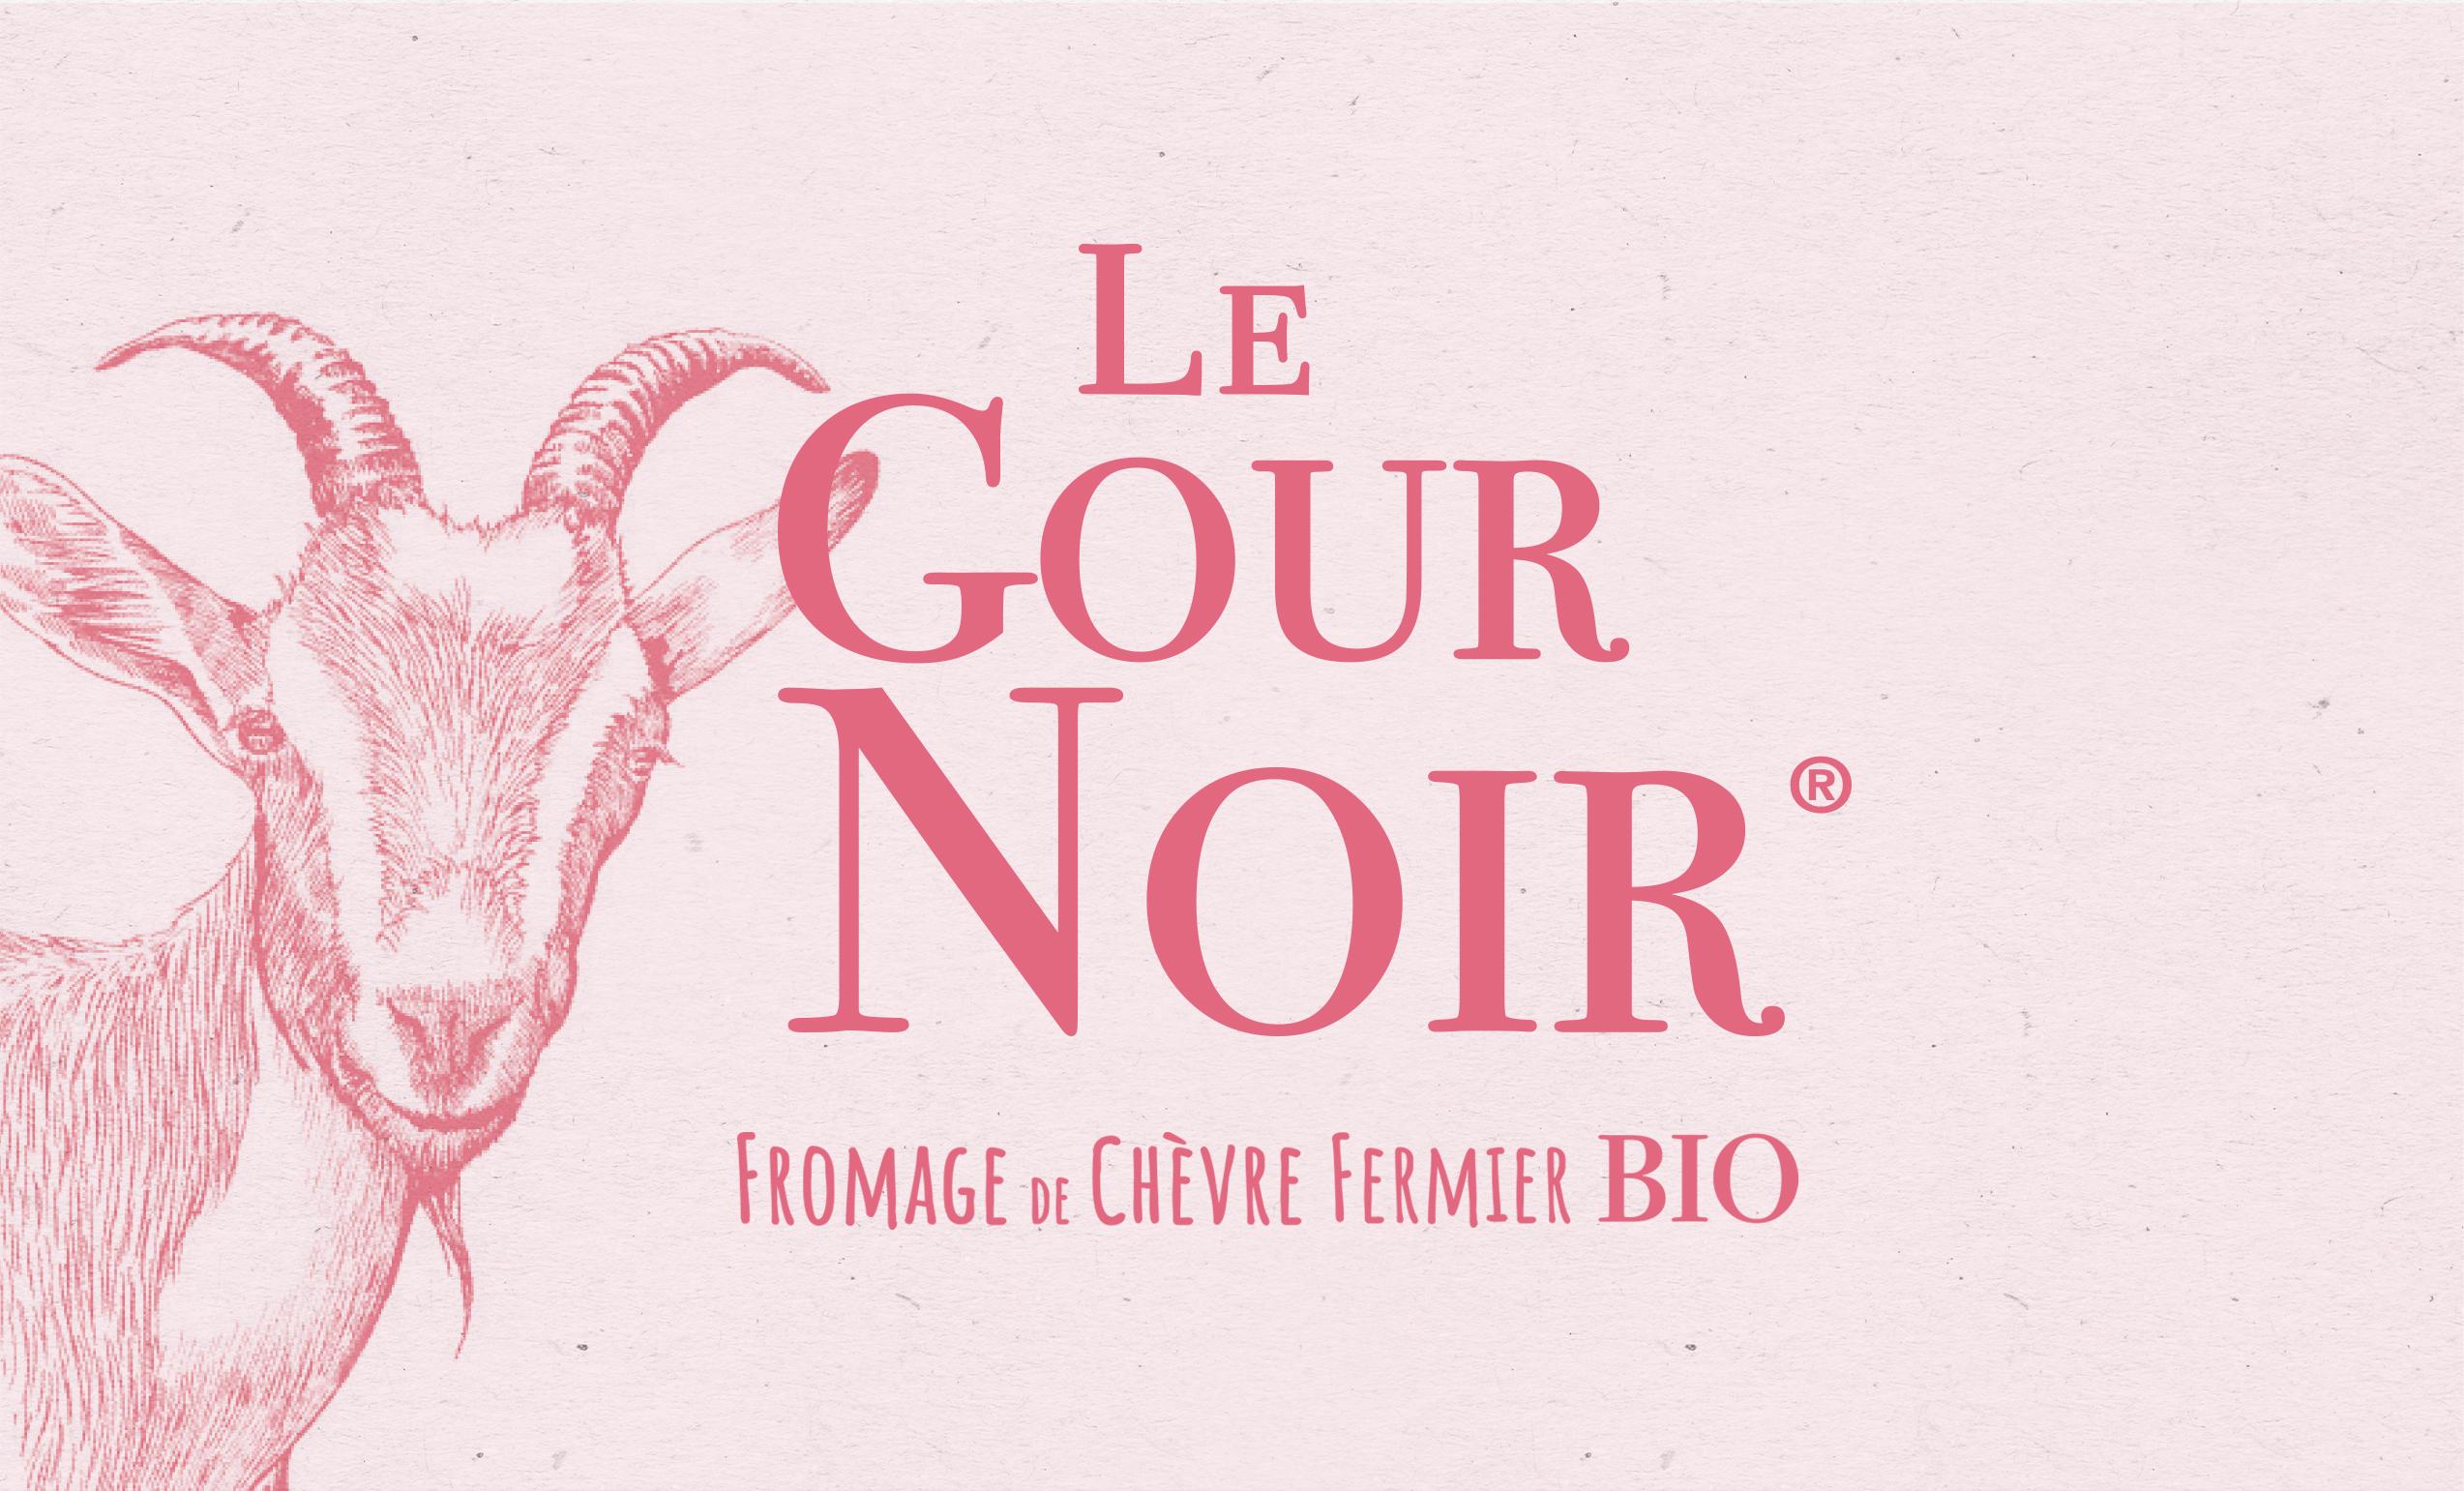 Le Gour Noir, Fromage de chèvre bio !